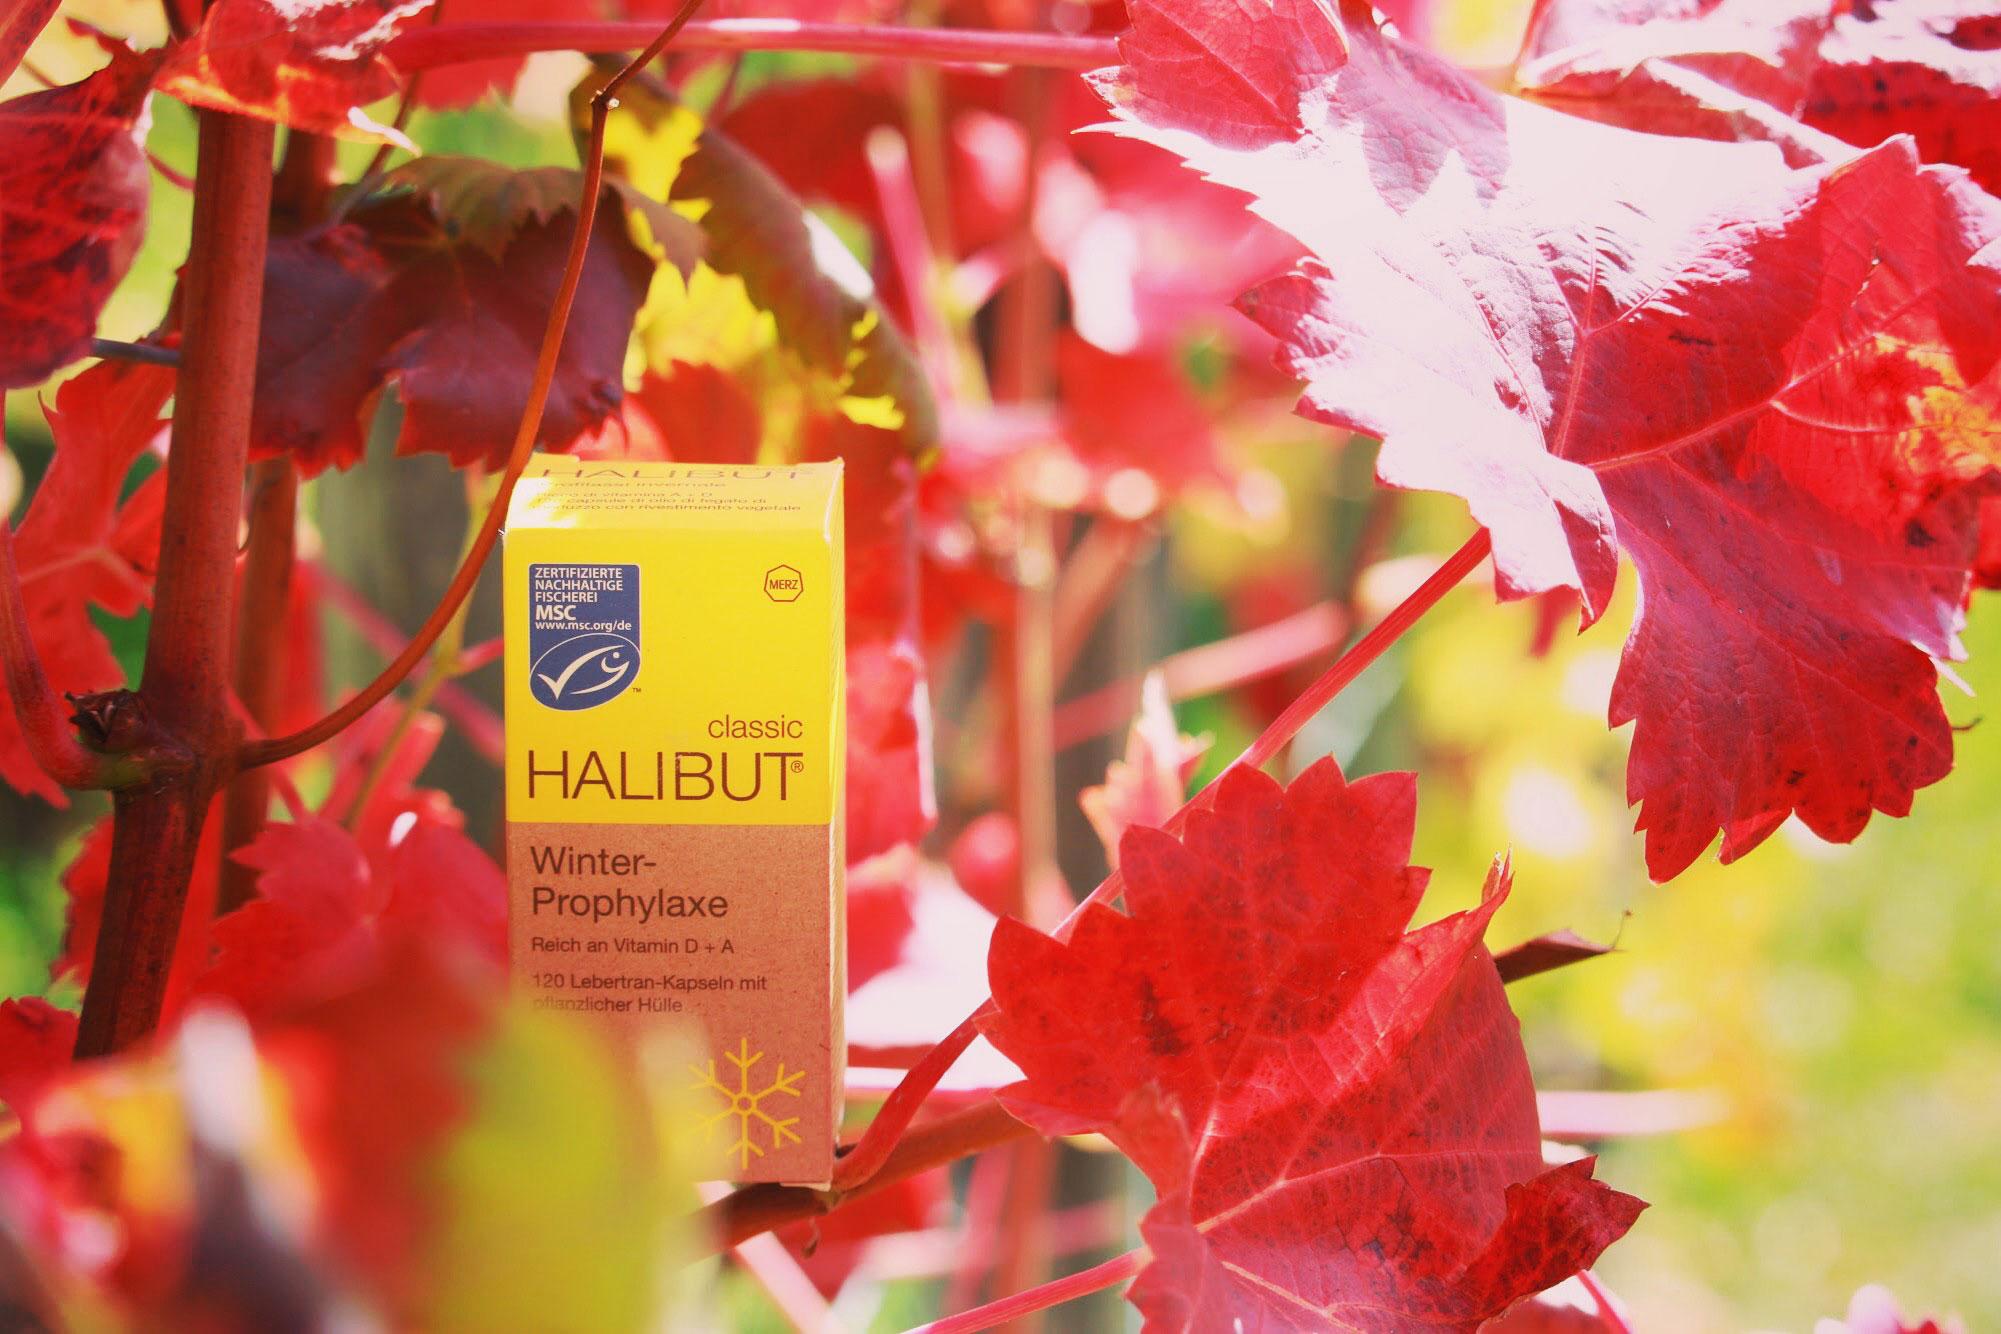 Herbst Halibut Celine-Loser